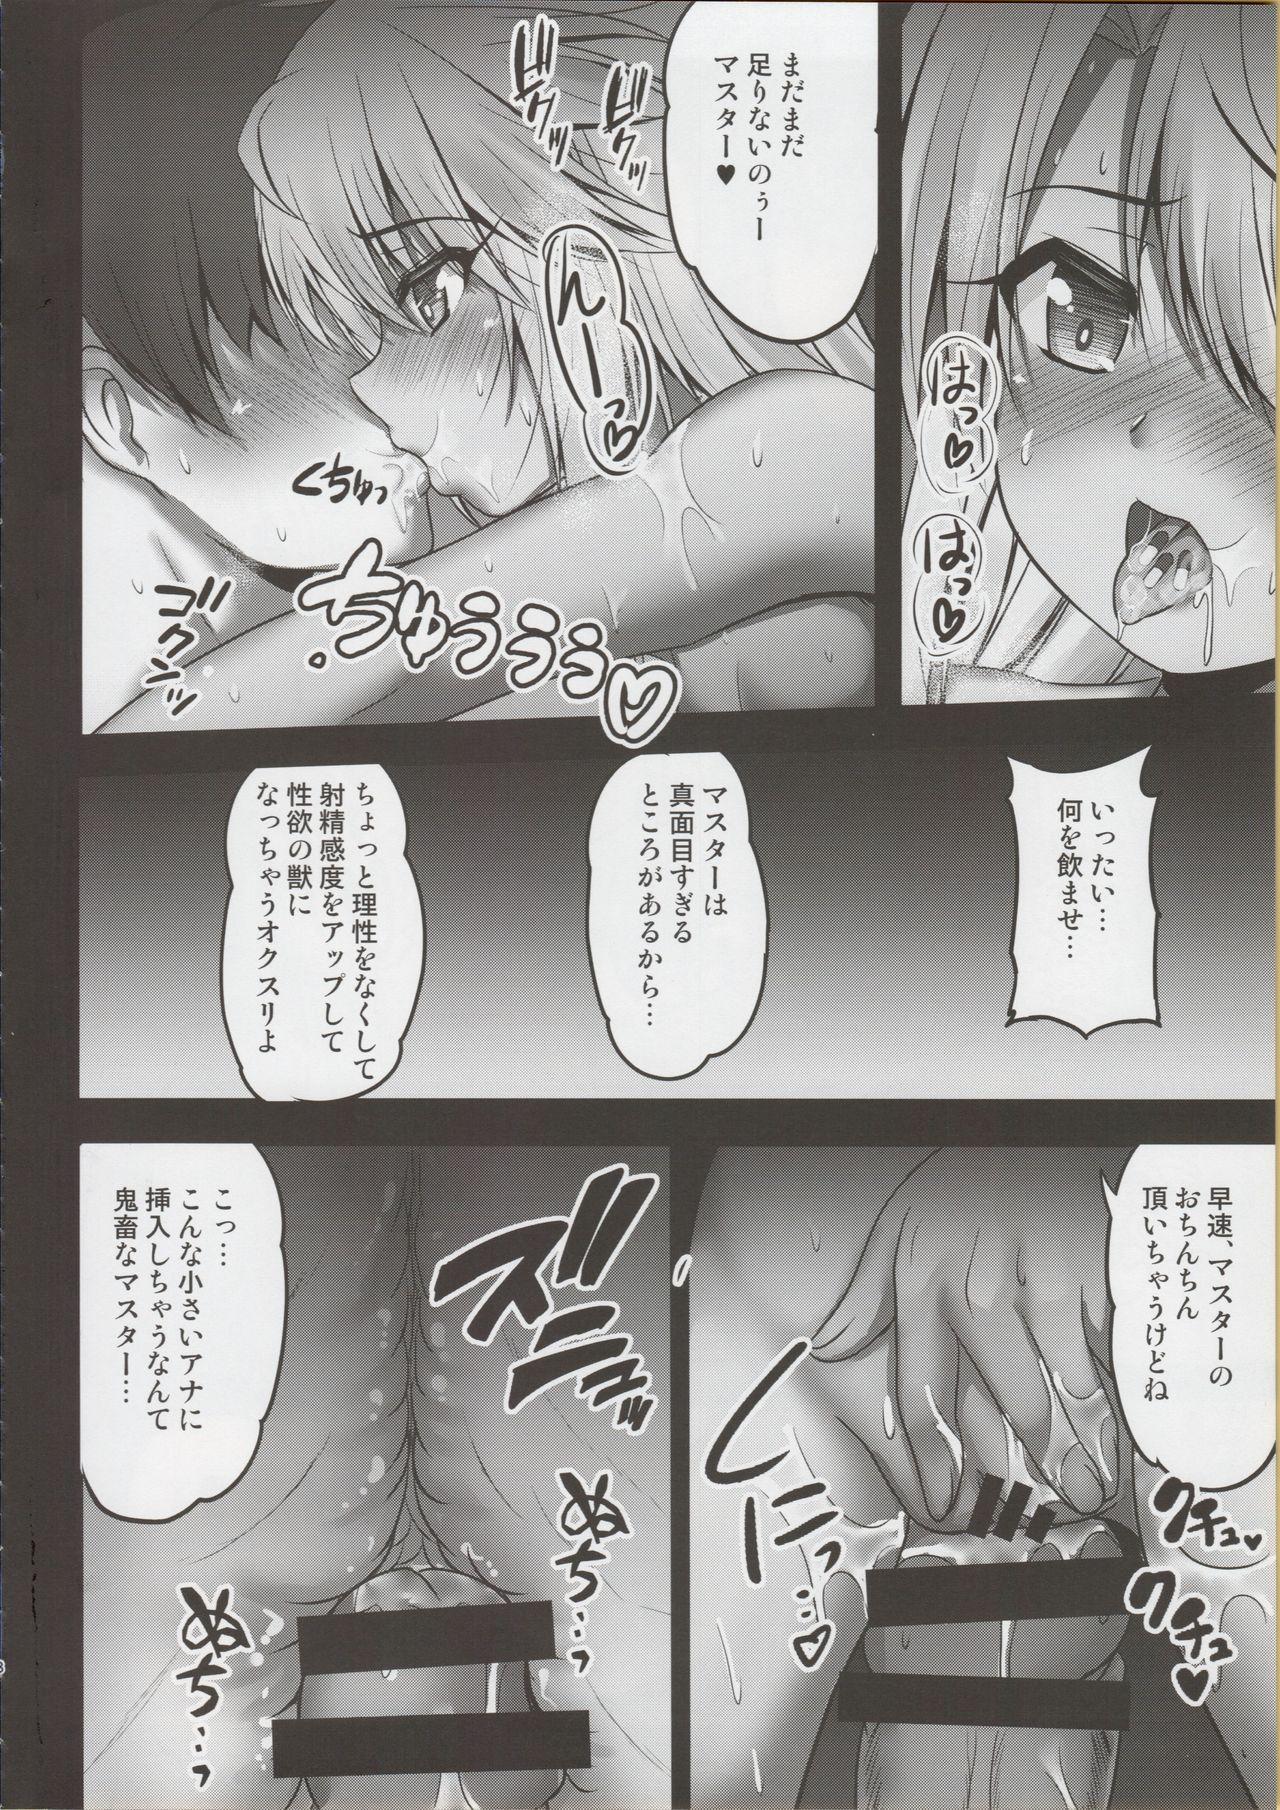 Kuro ga Monohoshigao de Maryoku Sakushu Shite Kuru Hon 5